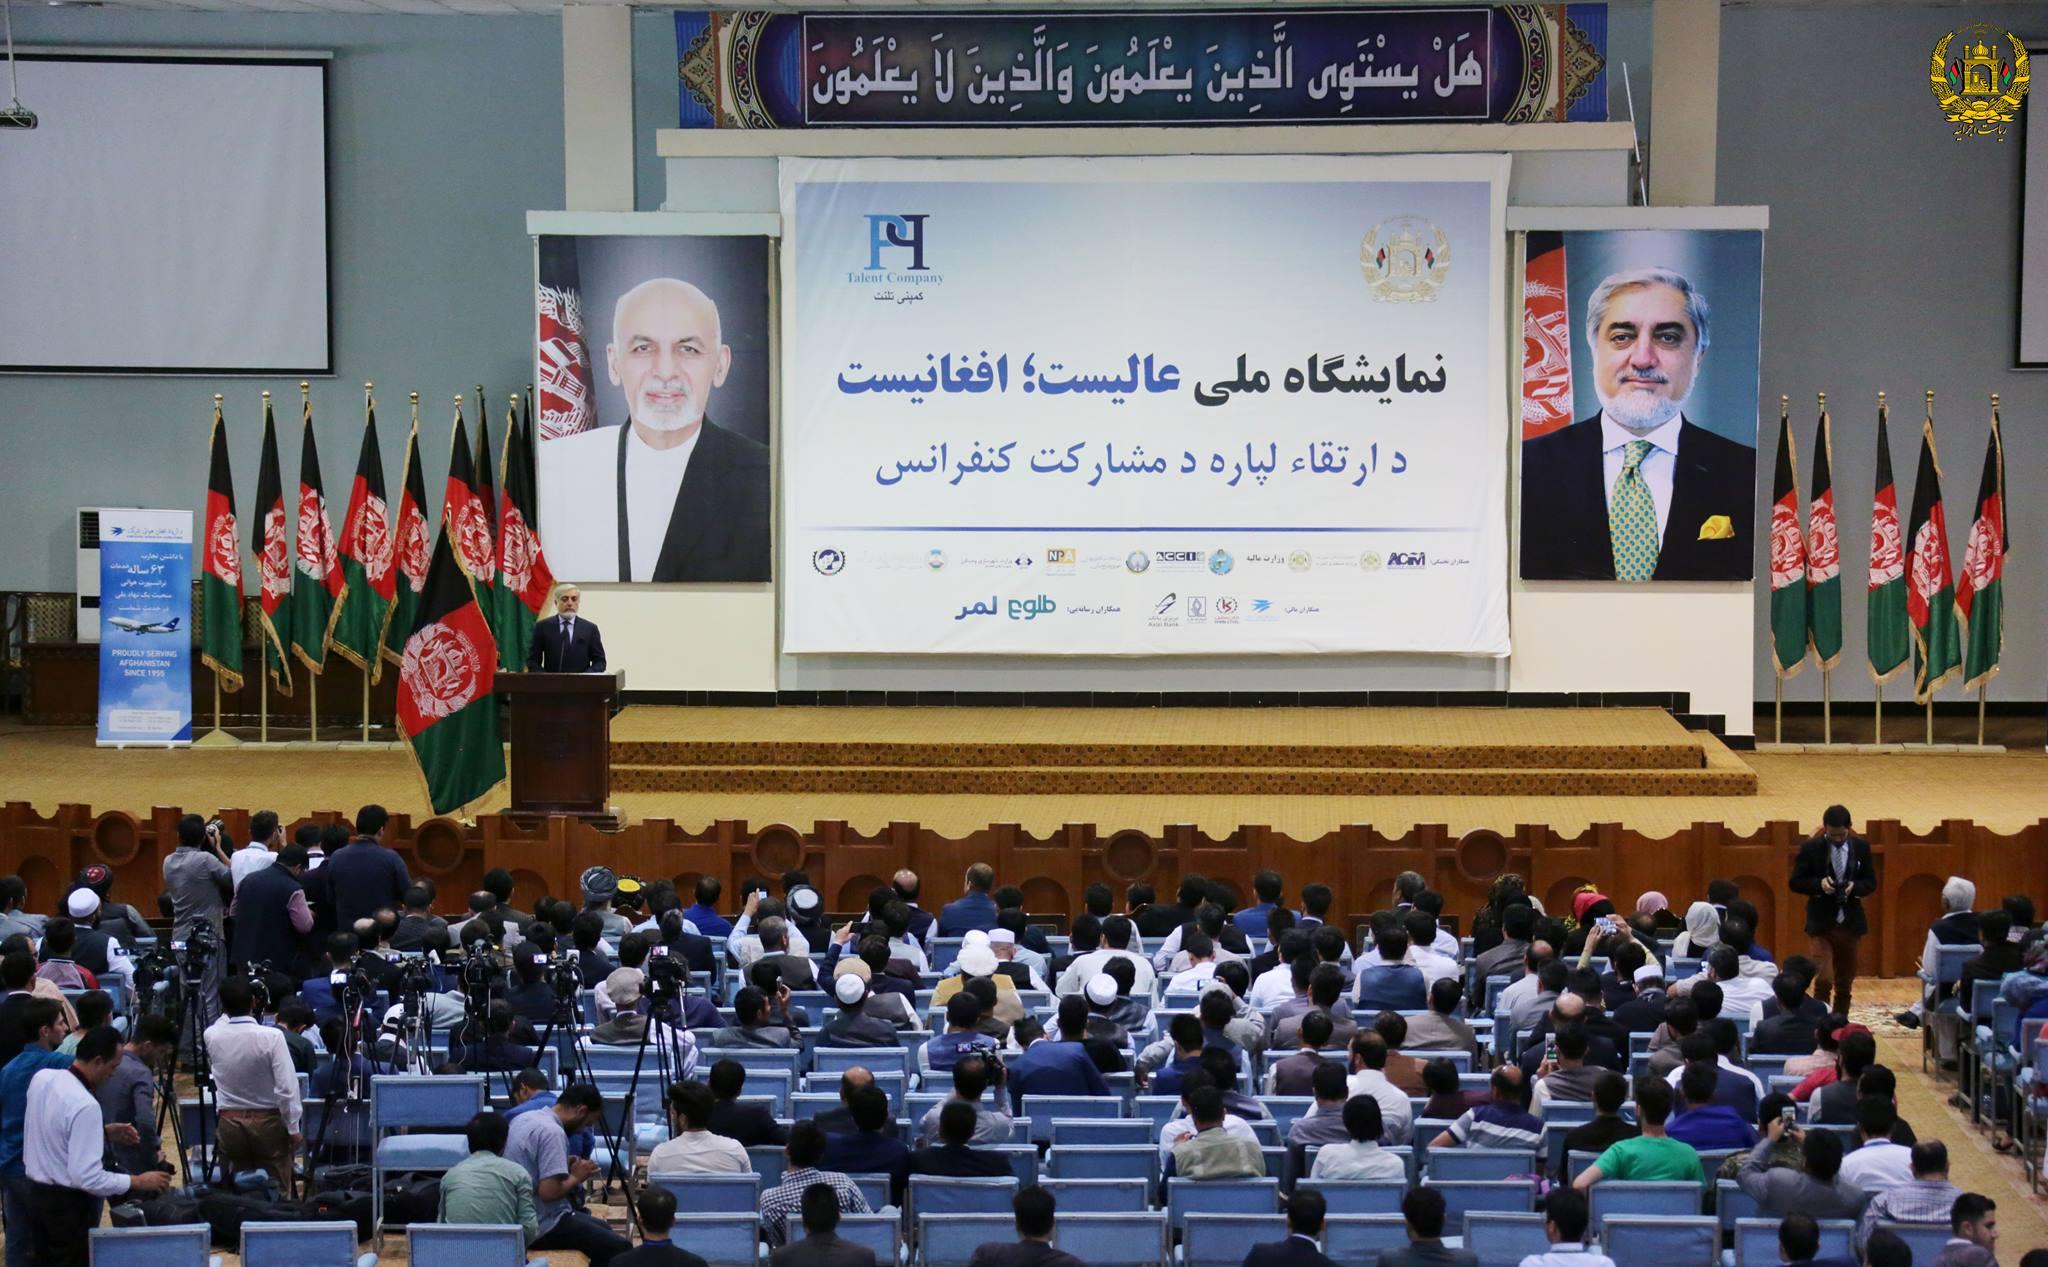 رییس اجراییه در کنفرانس ملی مشارکت برای ارتقا: رشد صنعت و بلند رفتن تولیدات داخلی کشور دلگرم کننده است